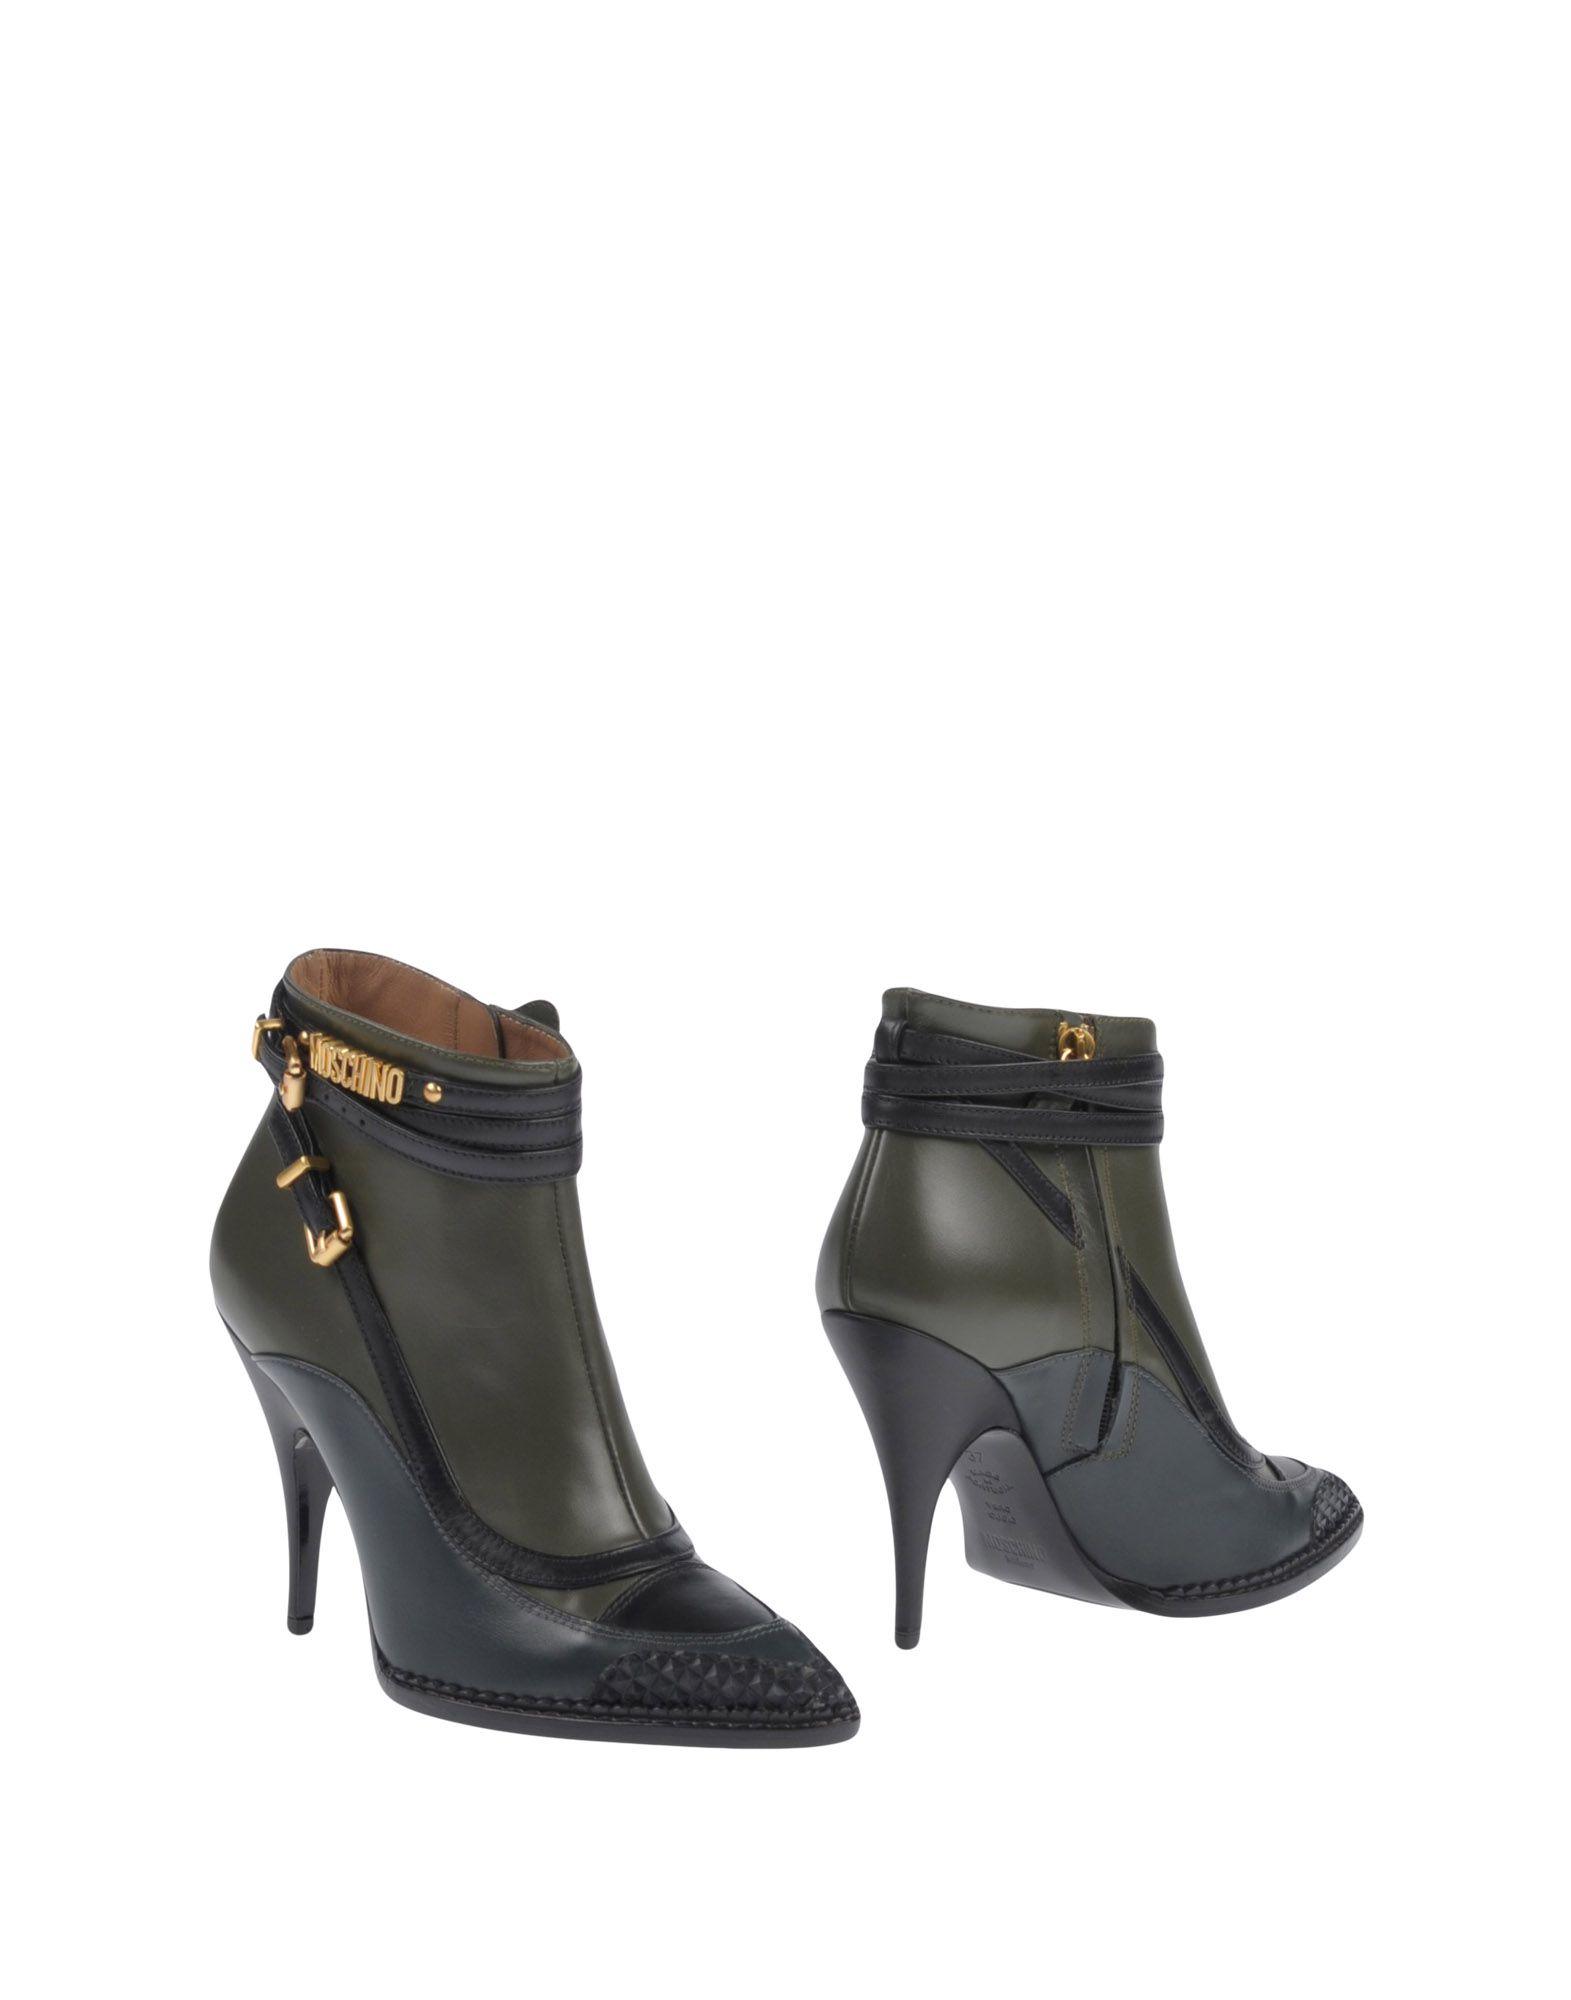 Moschino gut Stiefelette Damen  11451109DQGünstige gut Moschino aussehende Schuhe 705480